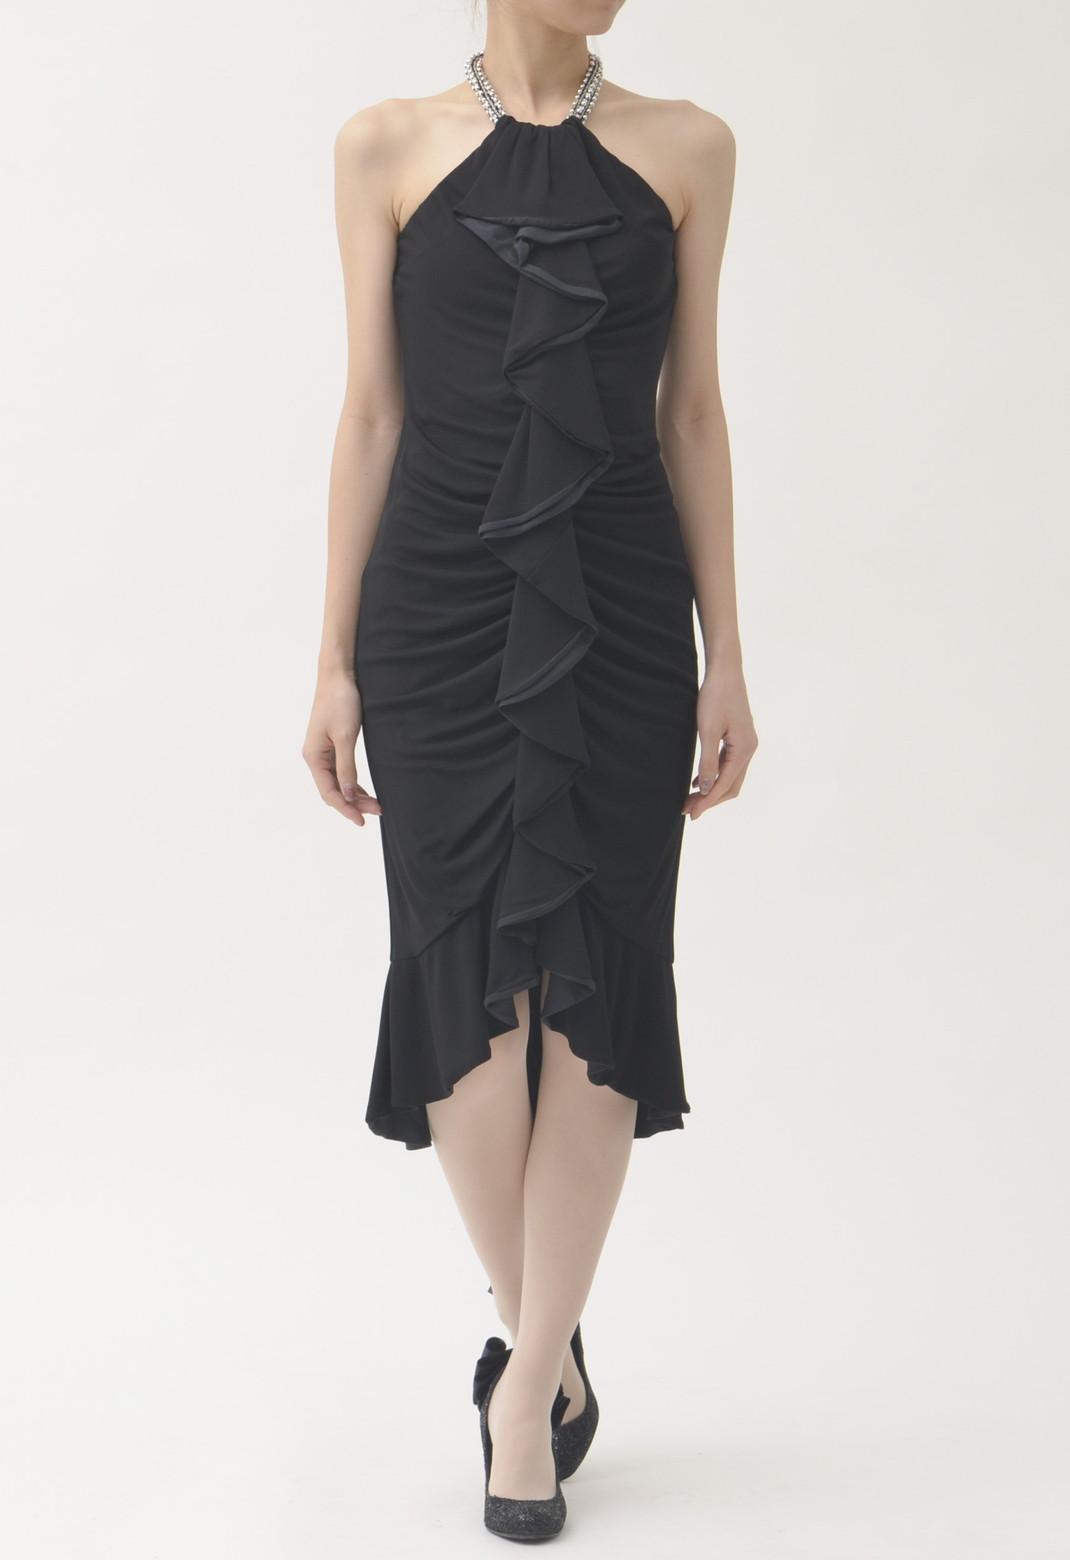 ビジュー飾り フロントフリル ホルターネック ドレス ブラック